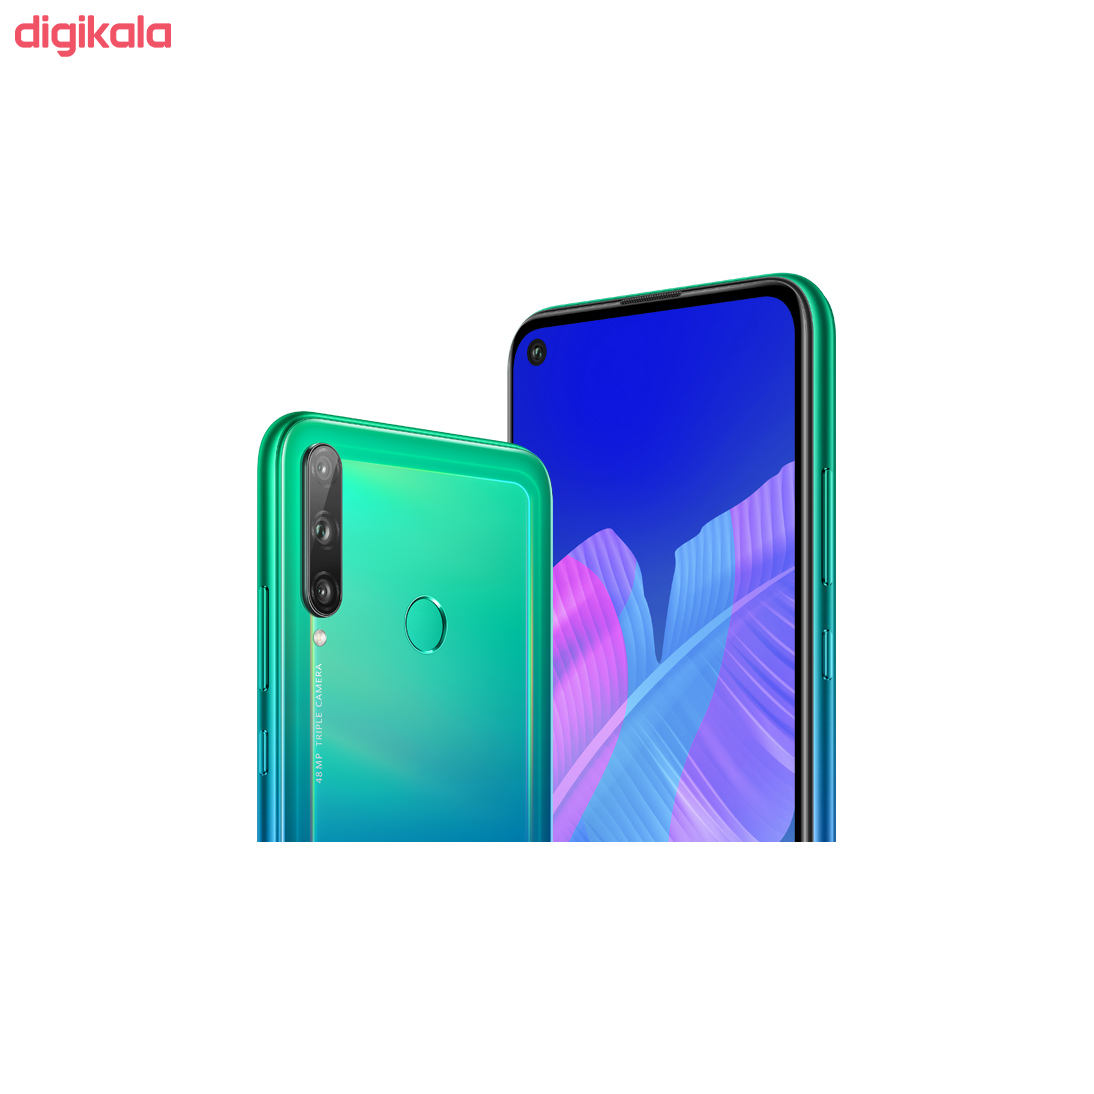 گوشی موبایل هوآوی مدل Huawei Y7p ART-L29 دو سیم کارت ظرفیت 64 گیگابایت main 1 17